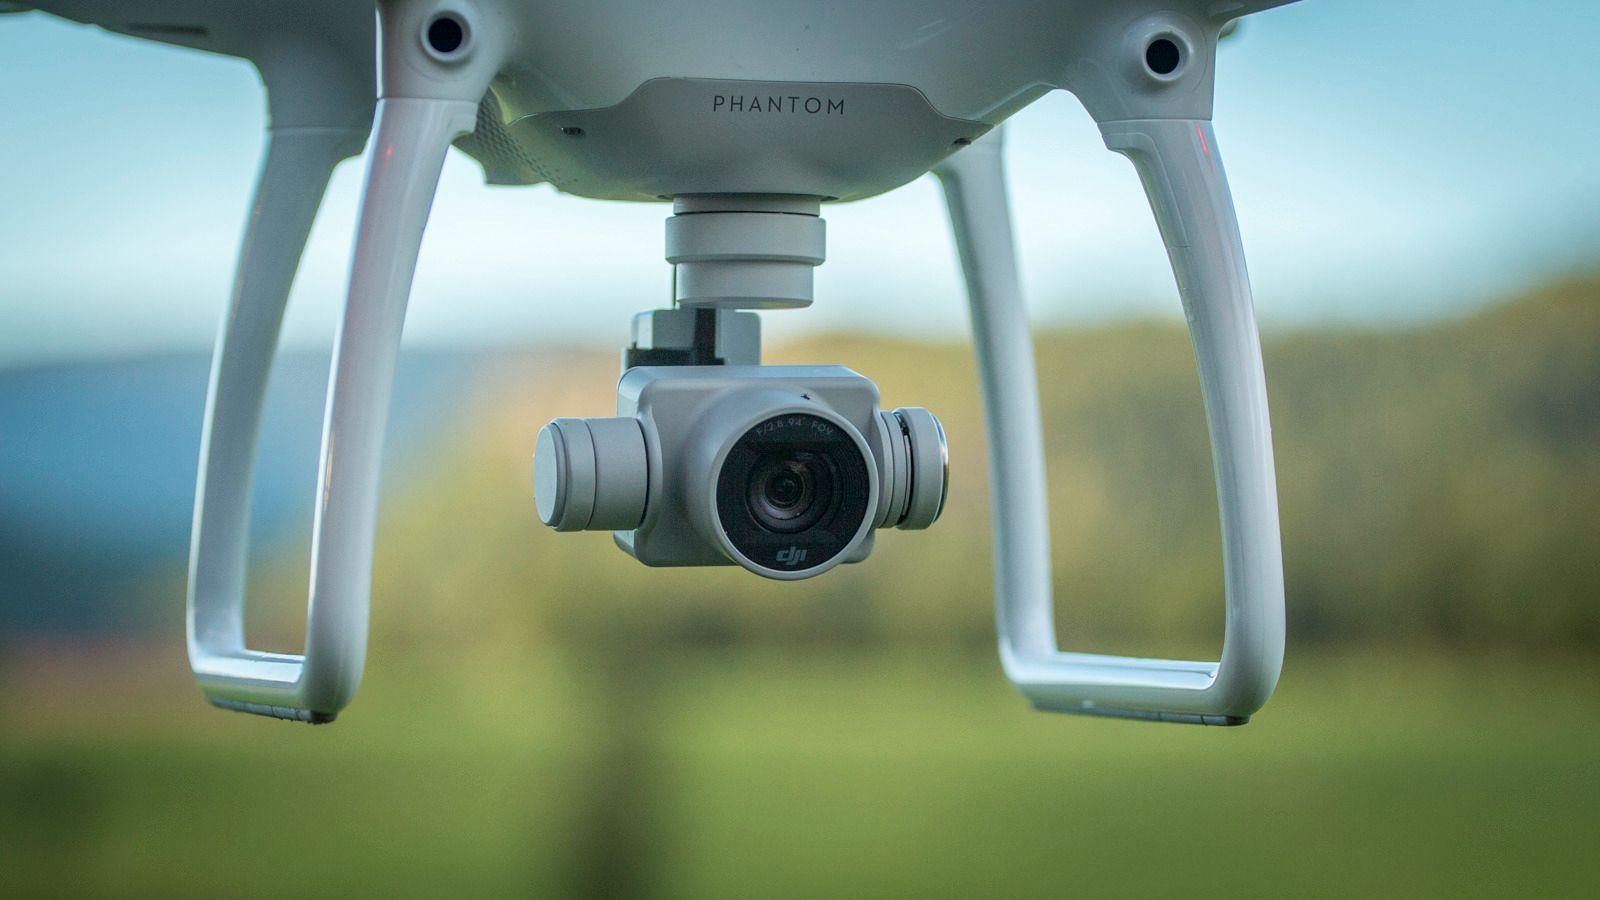 Kameraet som er festet til en drone er å regne som overvåkningskamera, mener den svenske retten som står bak dommen.